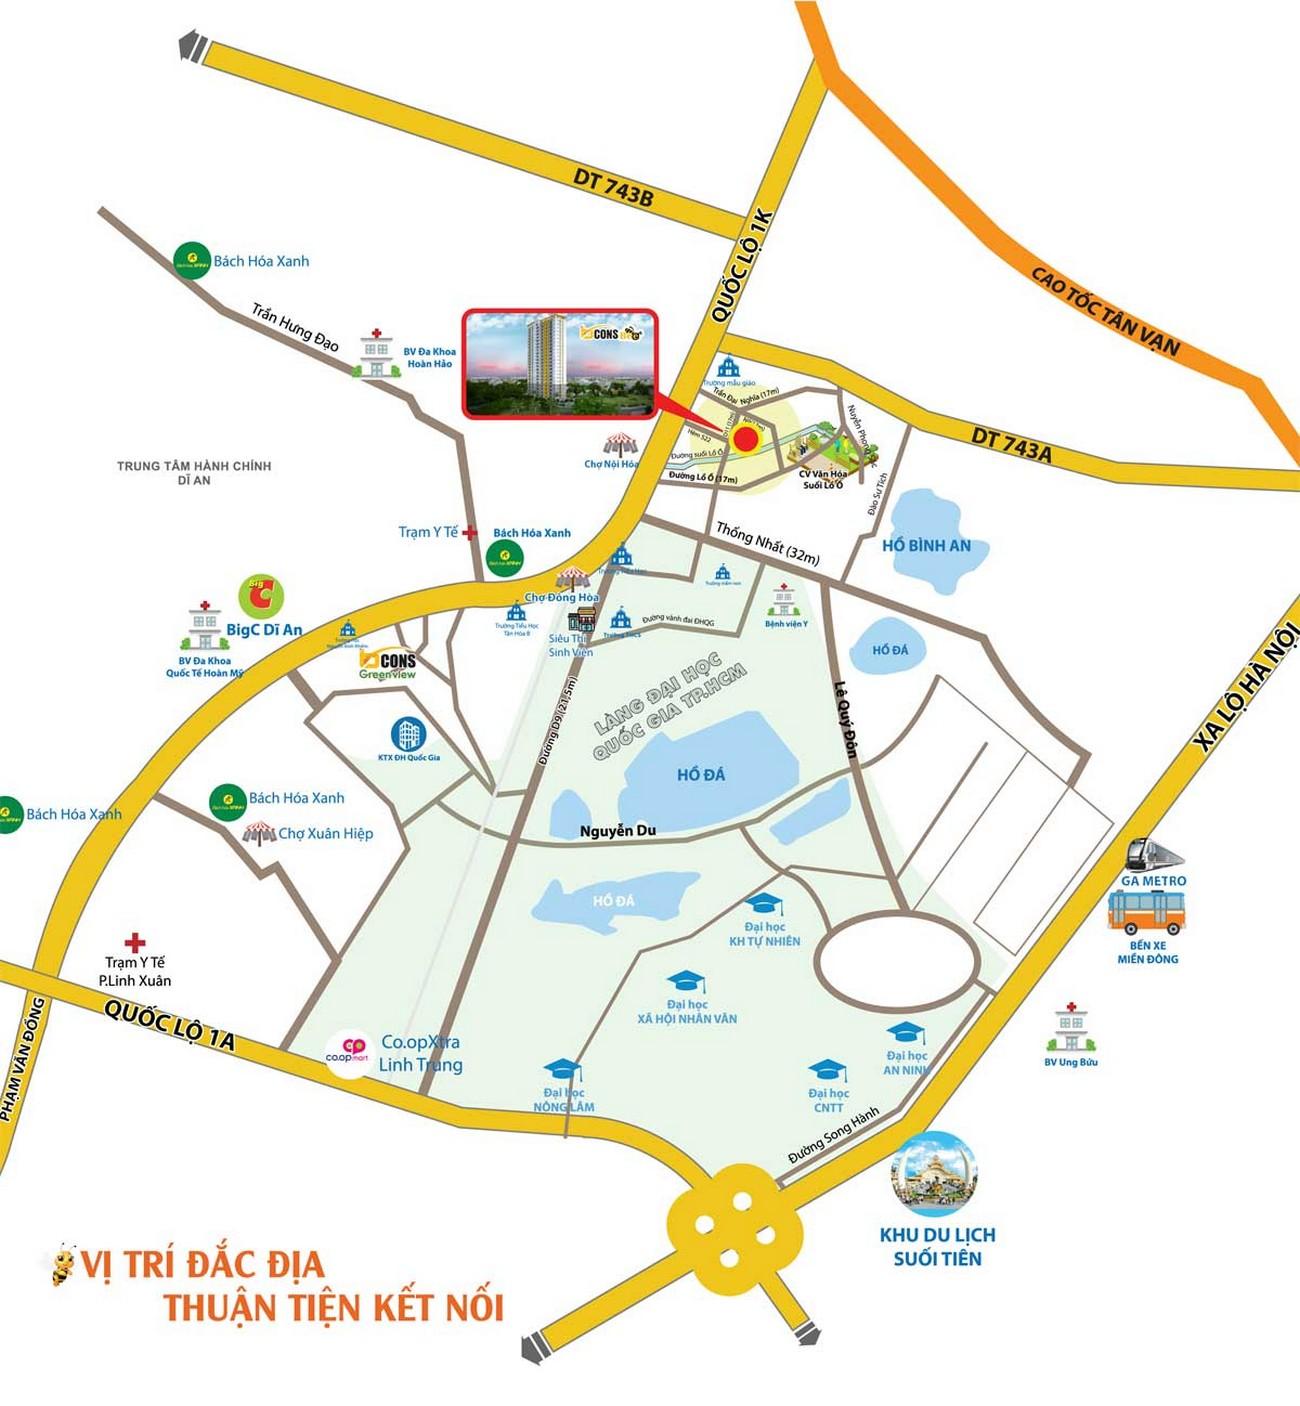 Vị trí địa chỉ dự án căn hộ chung cư Bcons Bee Dĩ An Đường Trần Đại Nghĩa chủ đầu tư Bcons